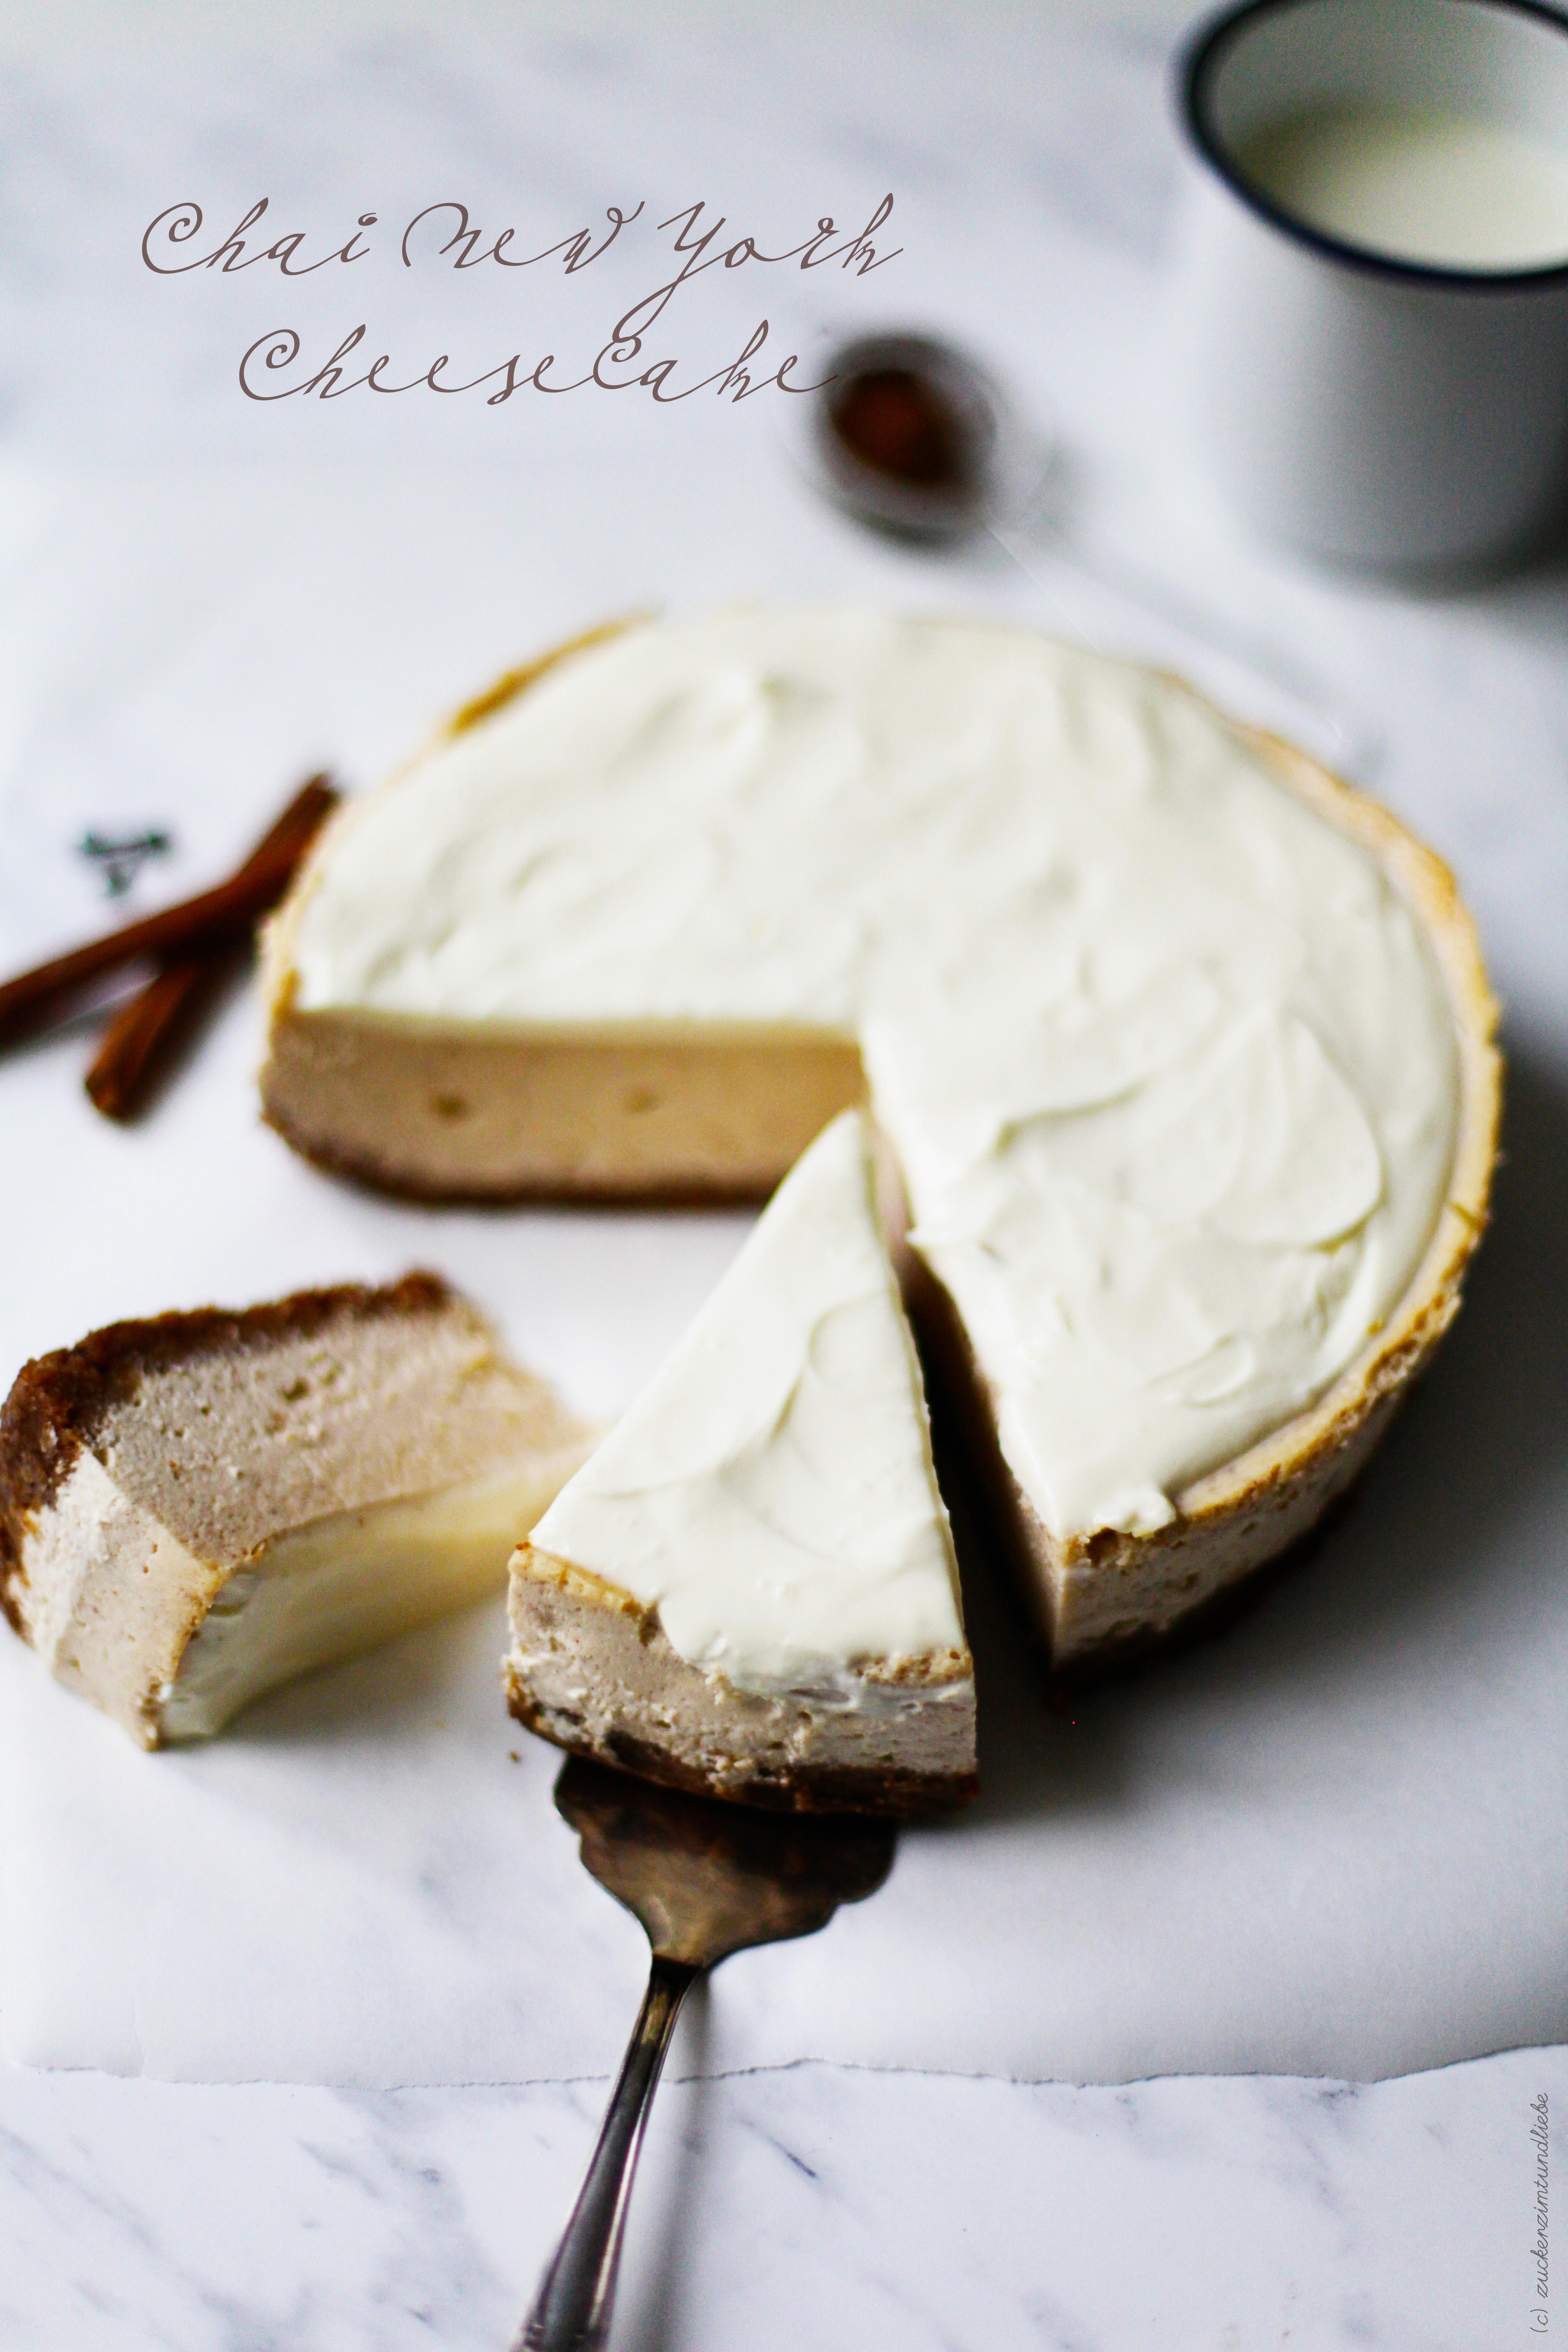 chai cheesecake rezept recipe zucker zimt und liebe. Black Bedroom Furniture Sets. Home Design Ideas